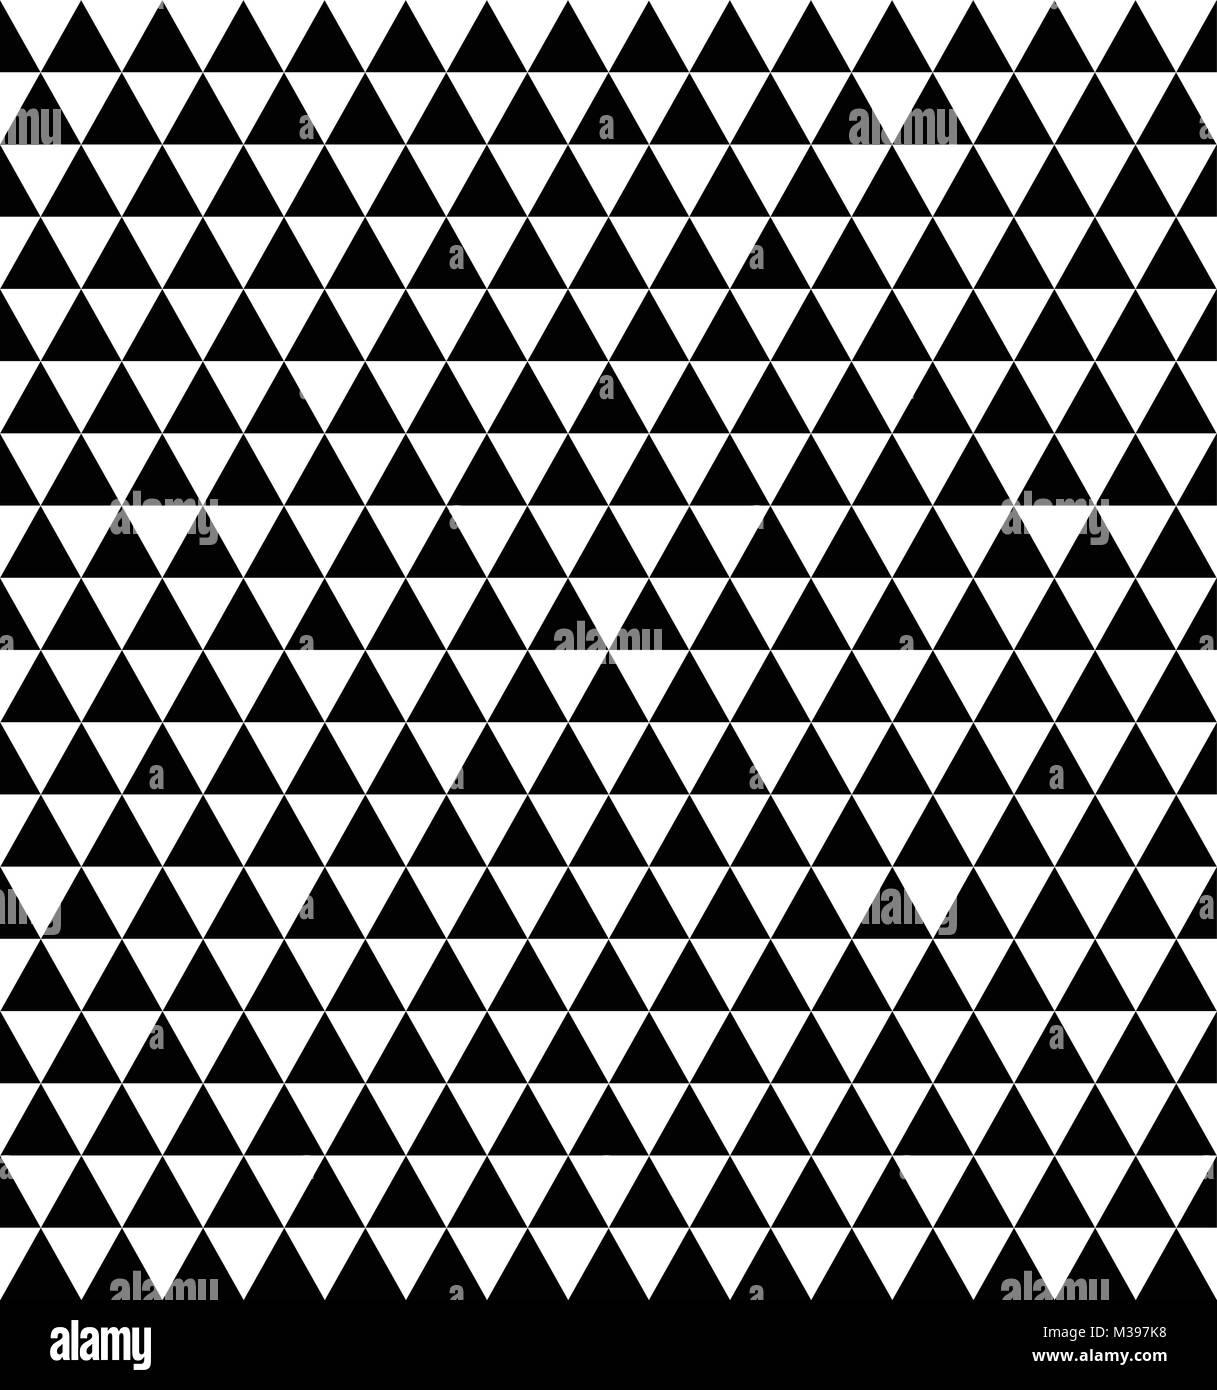 Nahtlose Dreieck Muster Hintergrund Fototapete